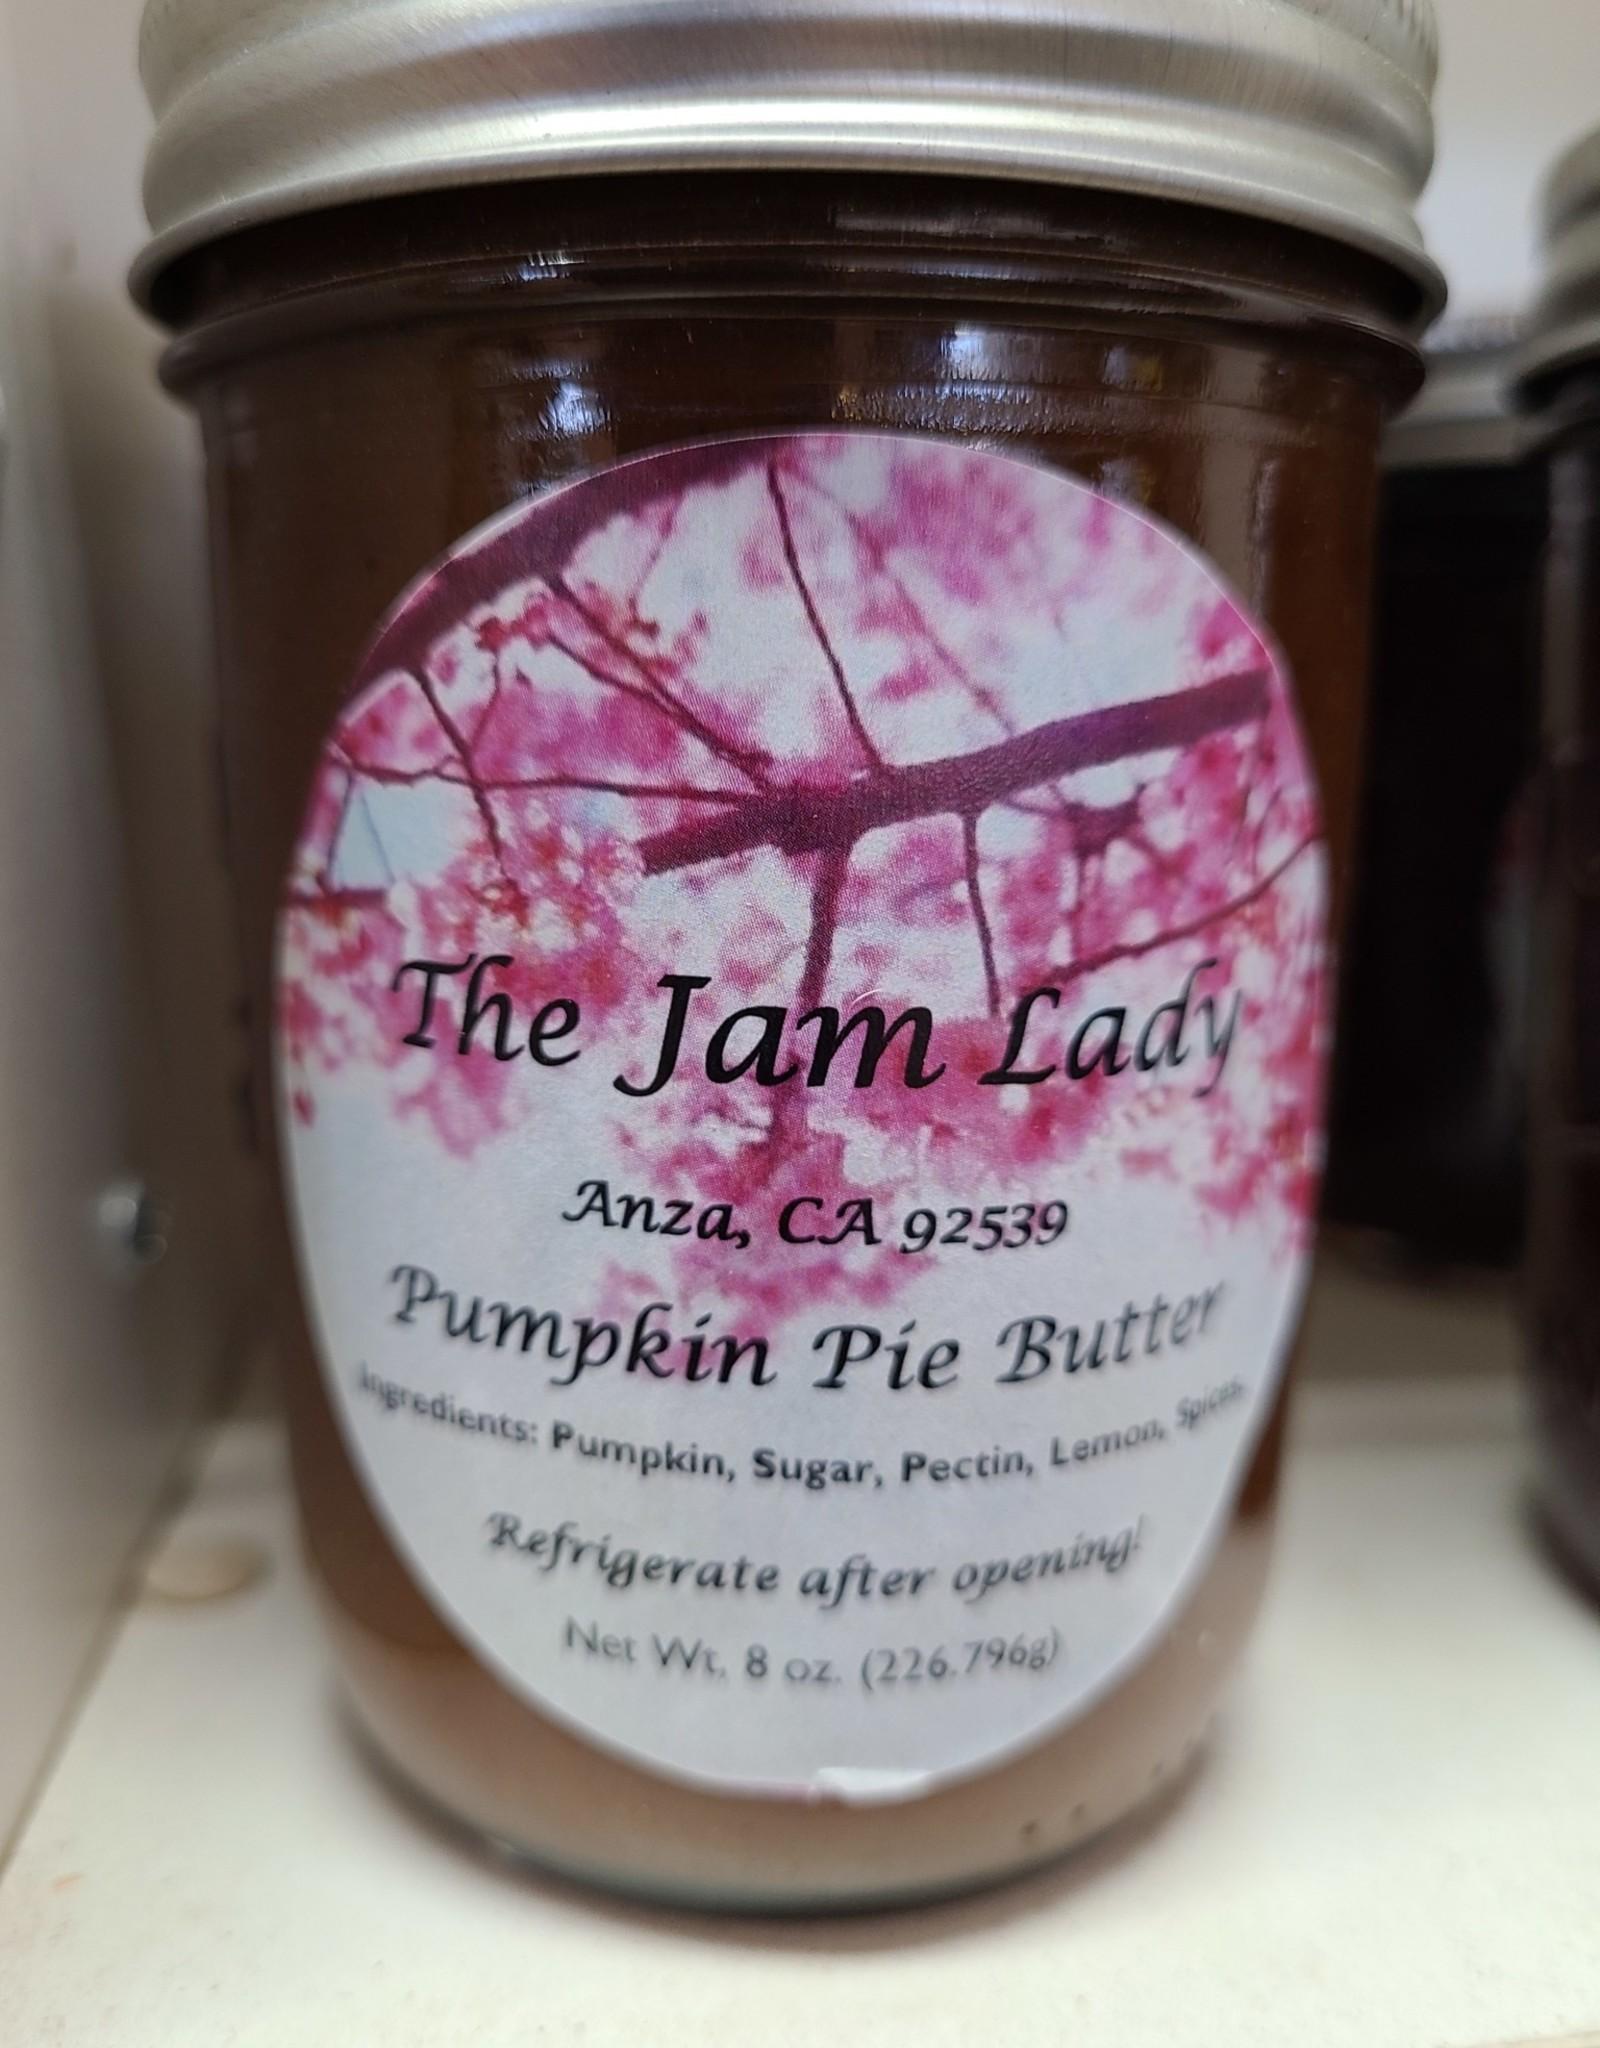 Pumpkin pie Butter Jam